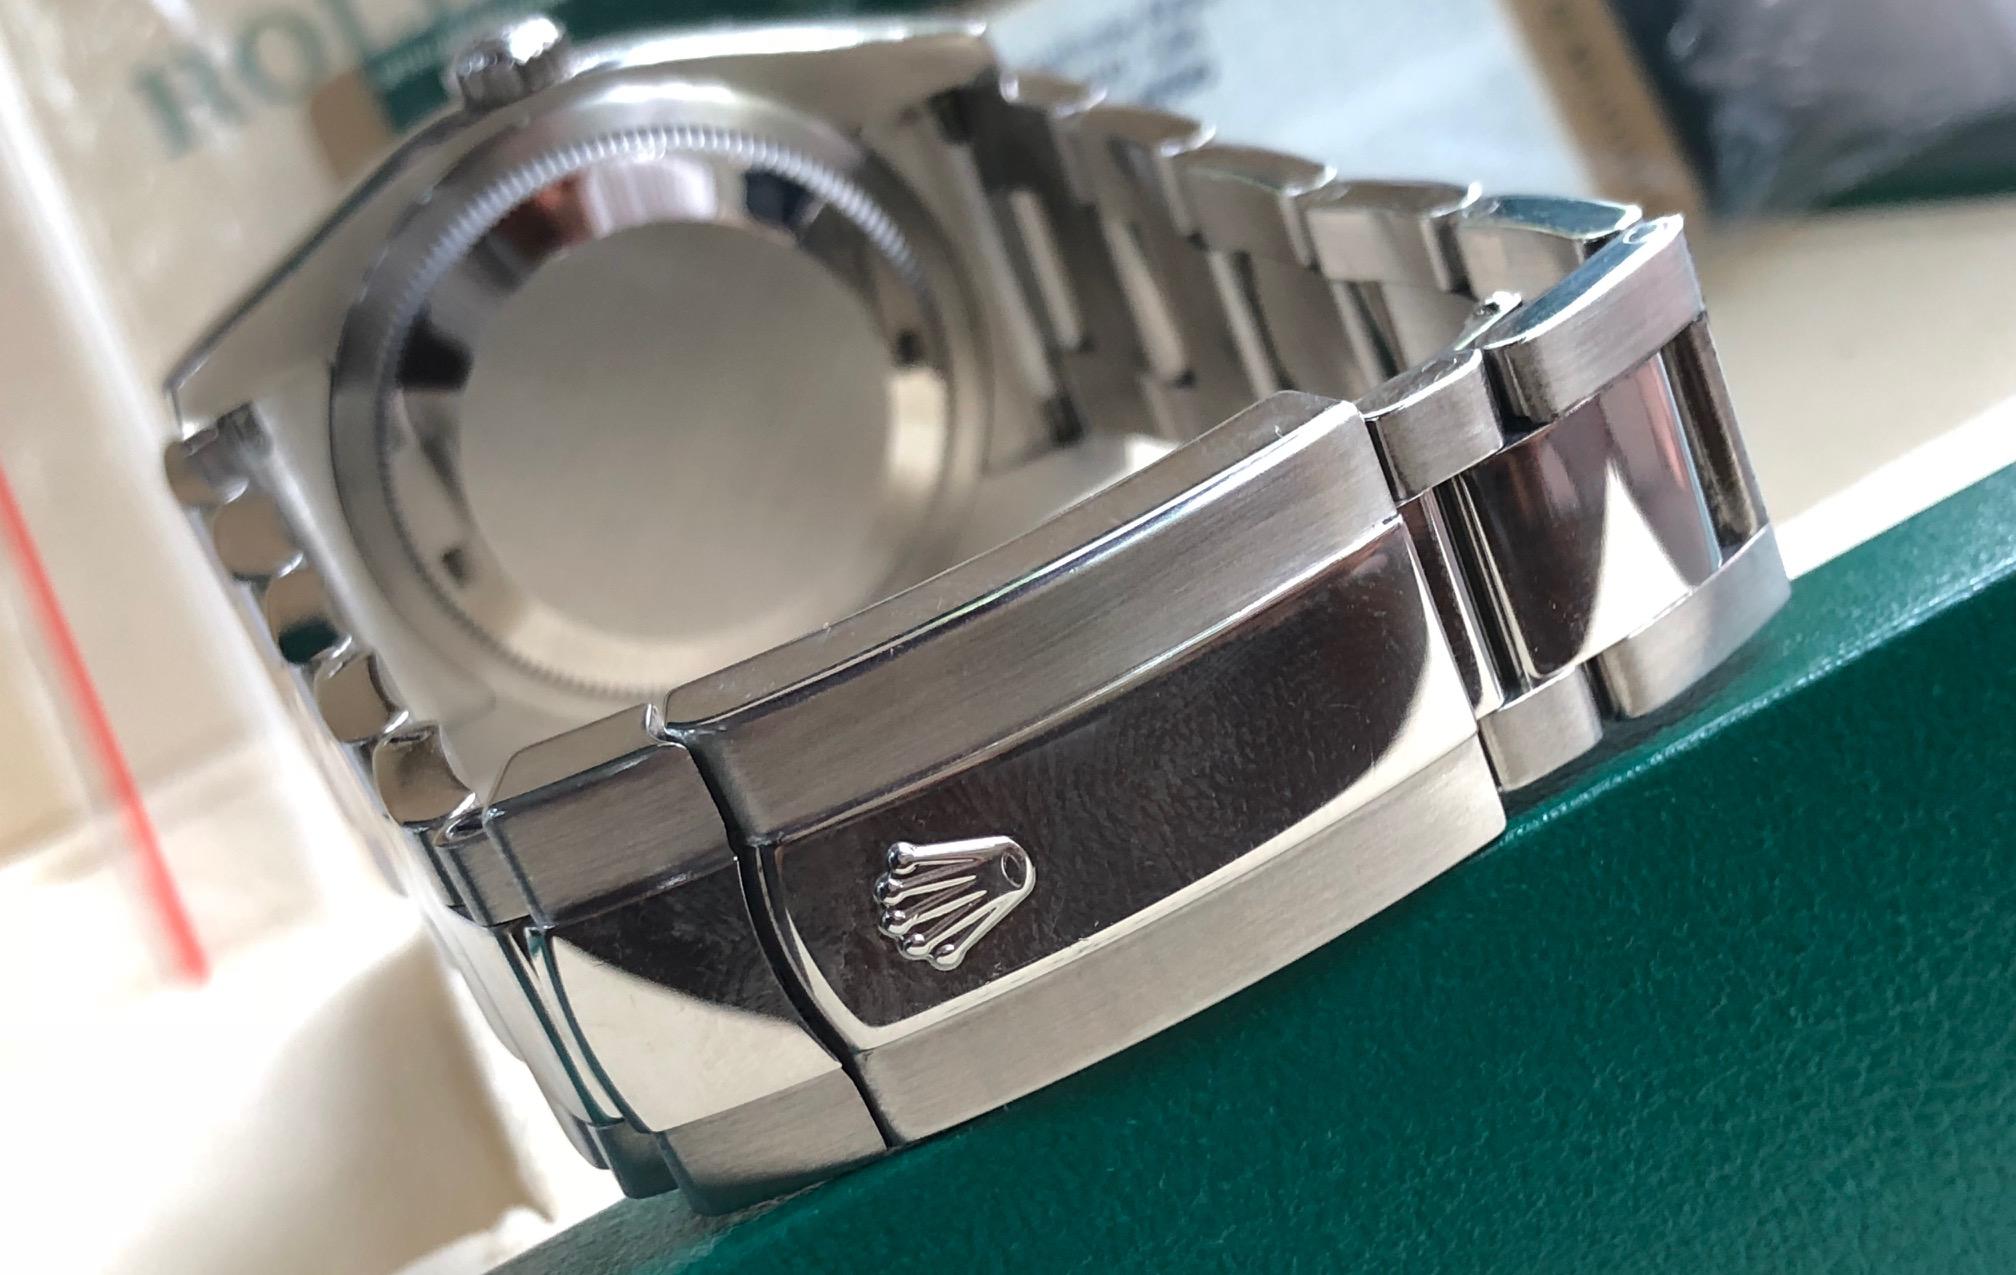 Rolex 116200 mặt tia sản xuất năm 2012